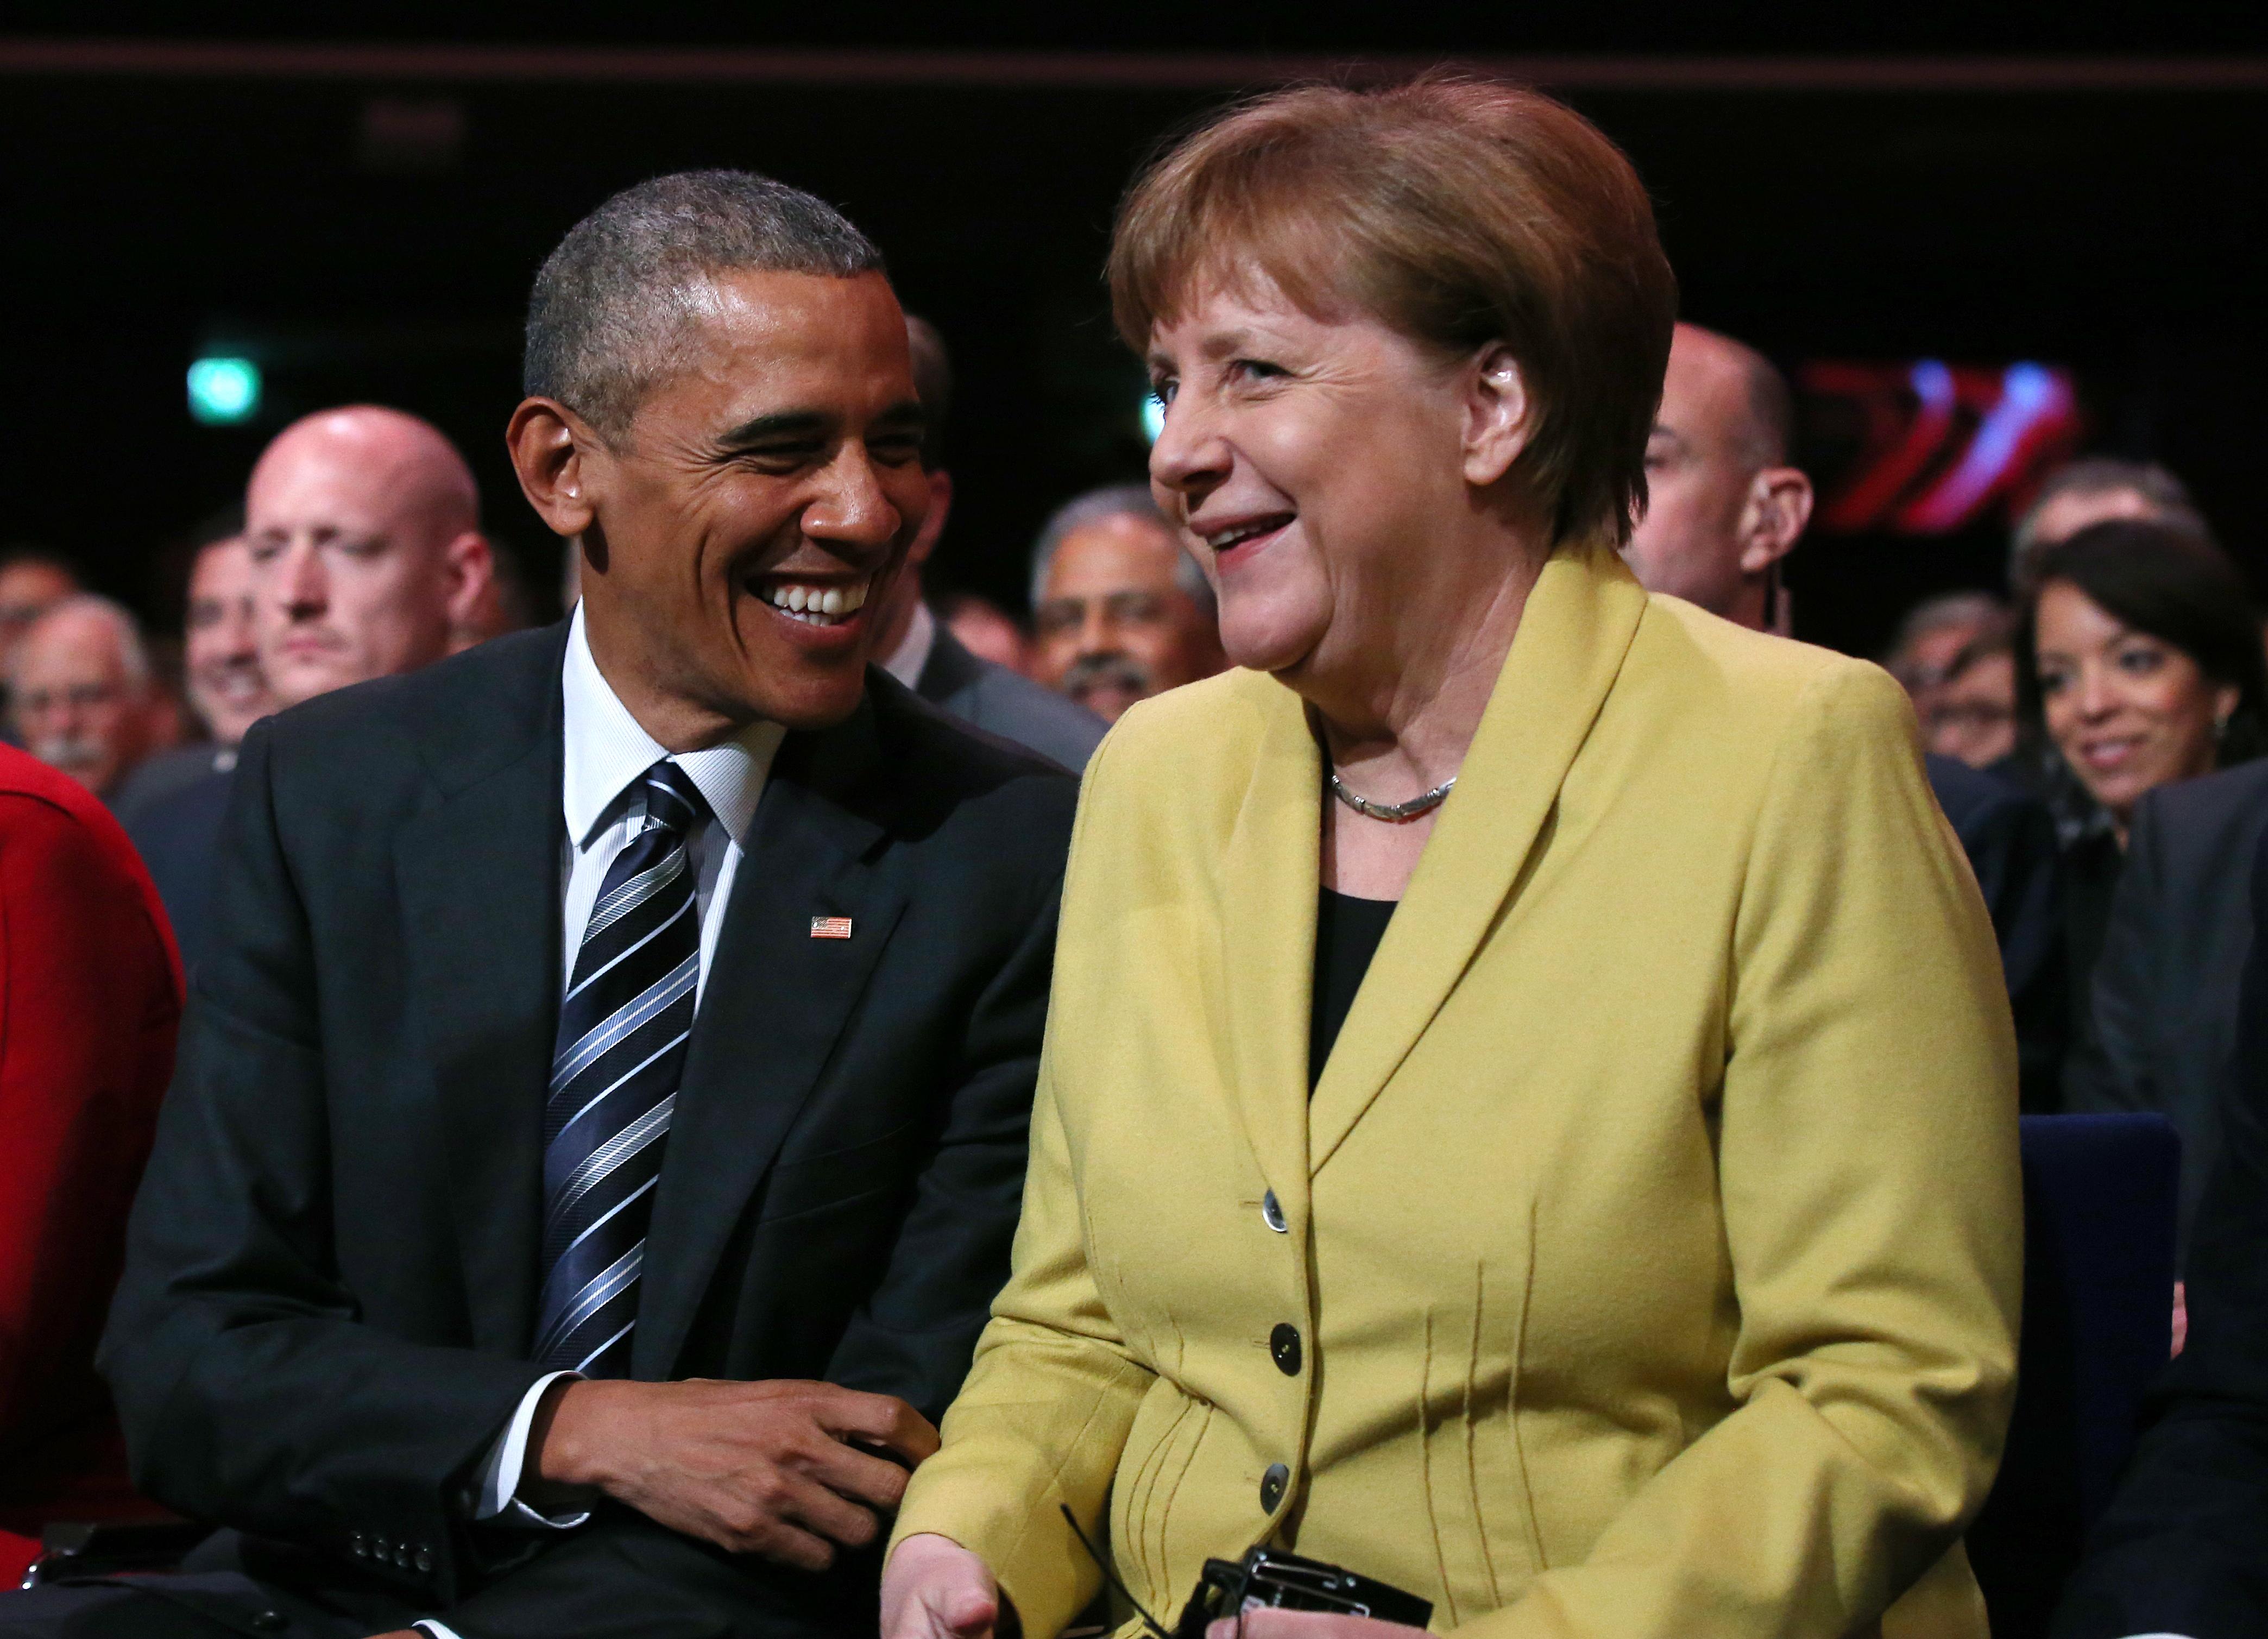 أوباما وميركل خلال افتتاح المعرض الصناعي السنوي Hannover Messe